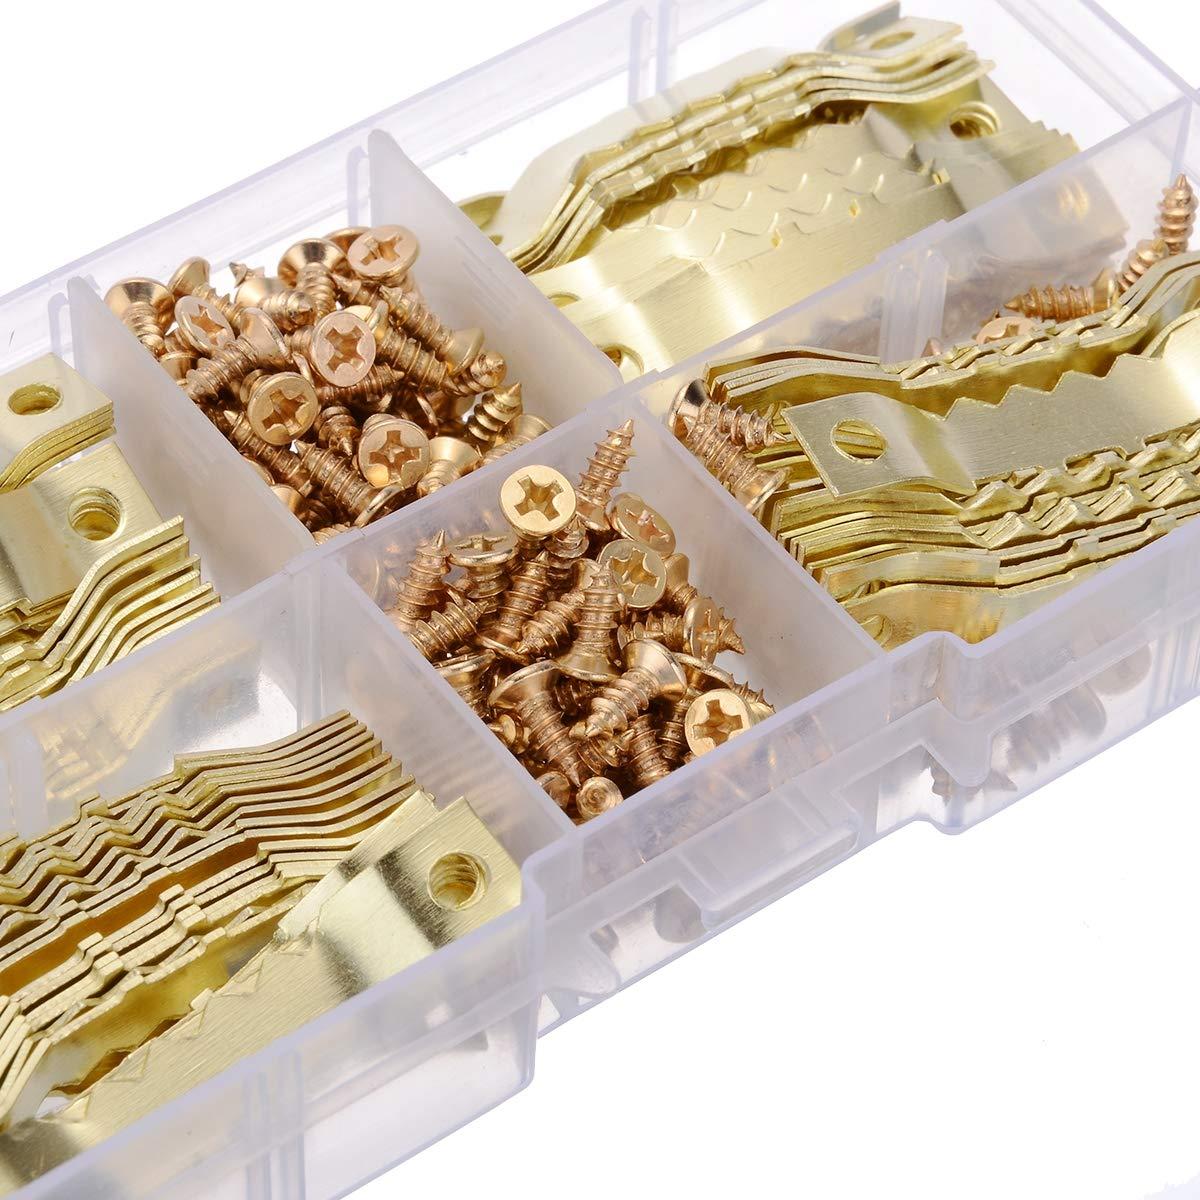 JZK 100 x Golden Bildaufh/änger Zackenaufh/änger Doppel-Loch /& 200x Schrauben mit Fachkasten f/ür Kunst Foto Bild Segeltuch Malerei